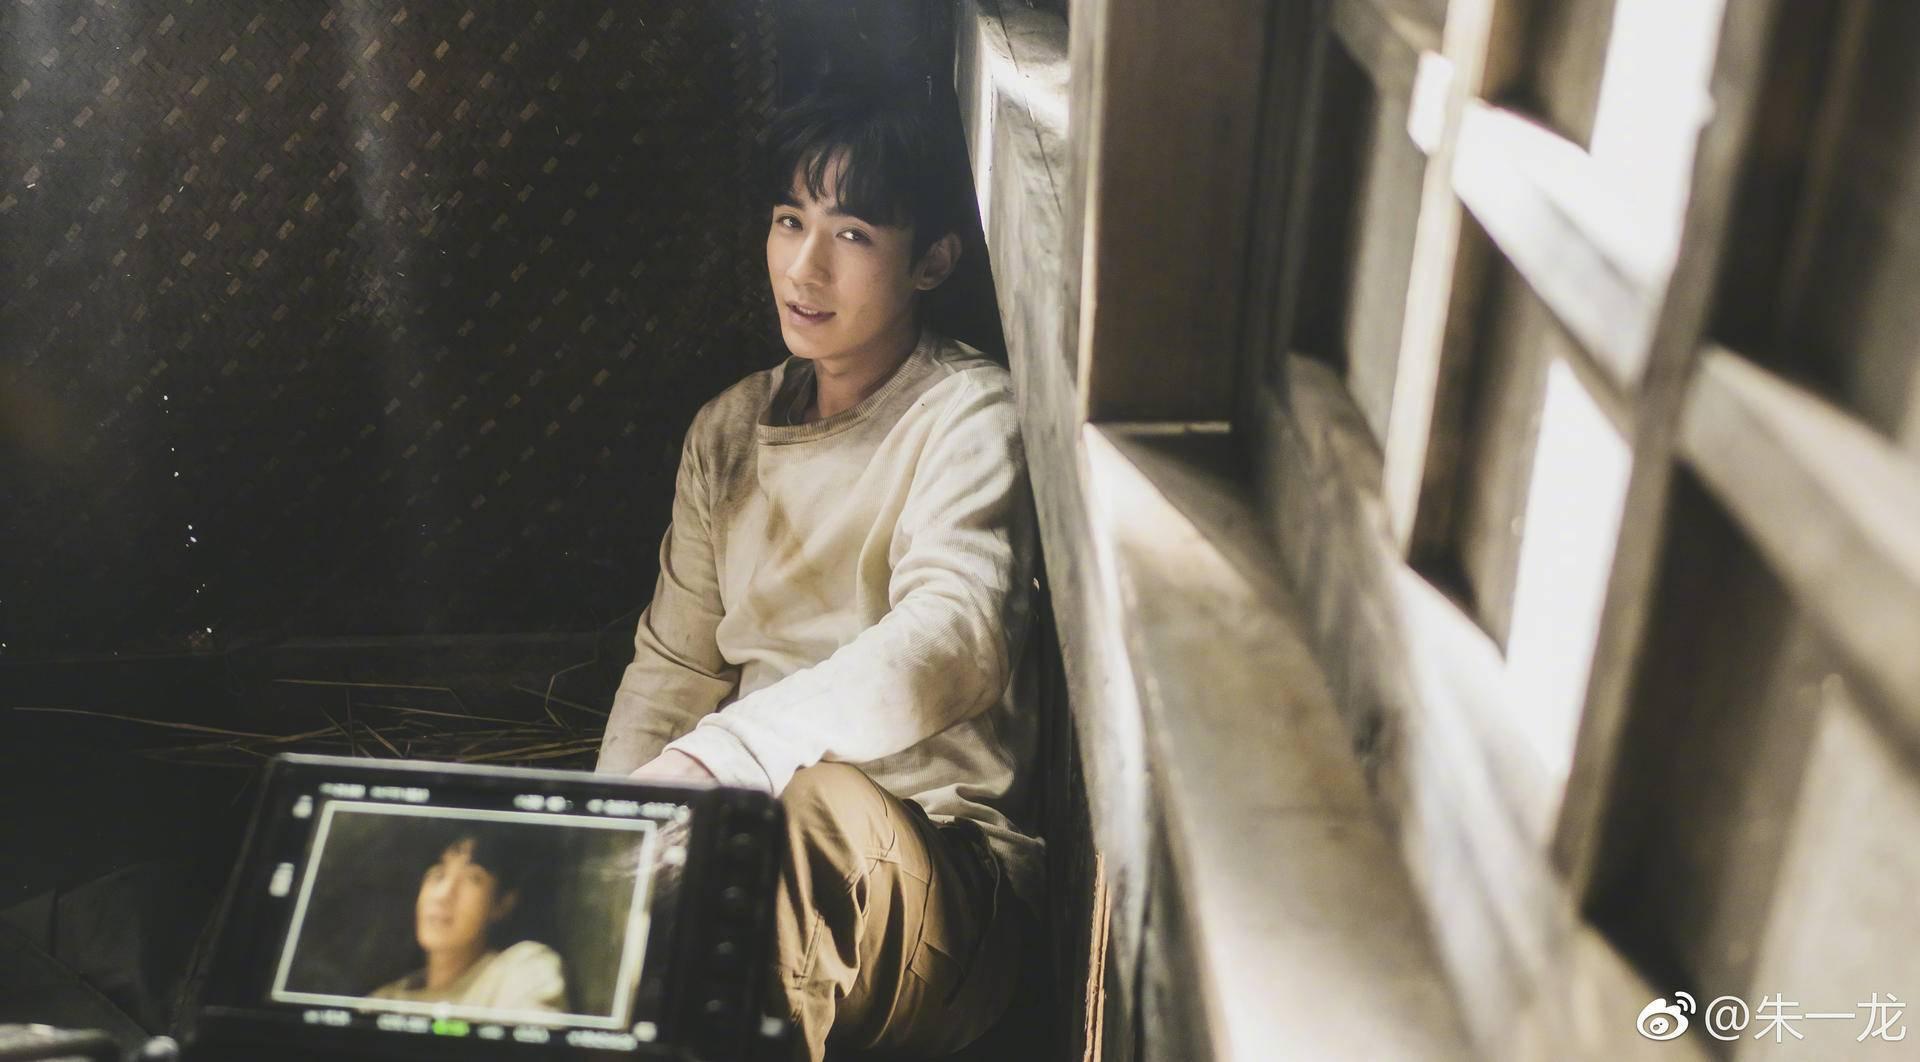 """朱一龙大红色一年无作品?一而再再而三""""演员初衷""""却想走爆红旧路?"""